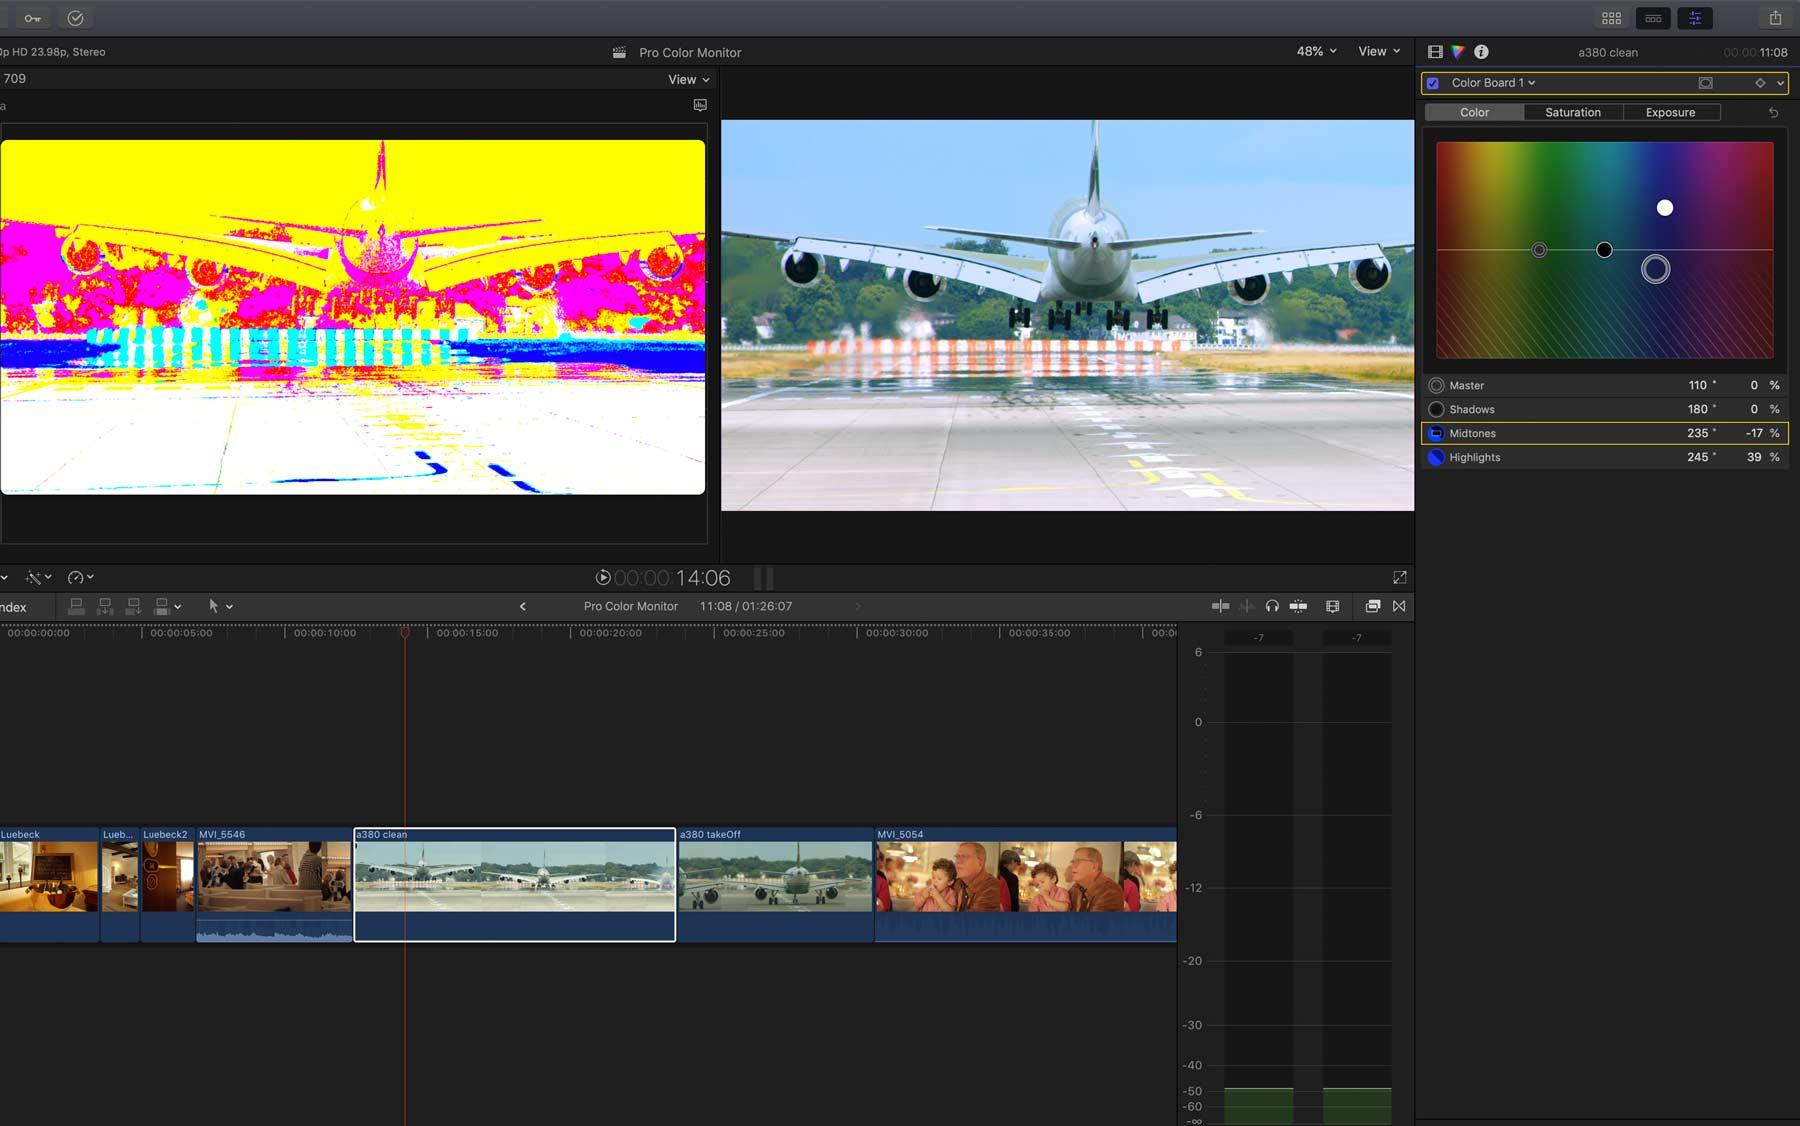 pro color monitor fcpx 1